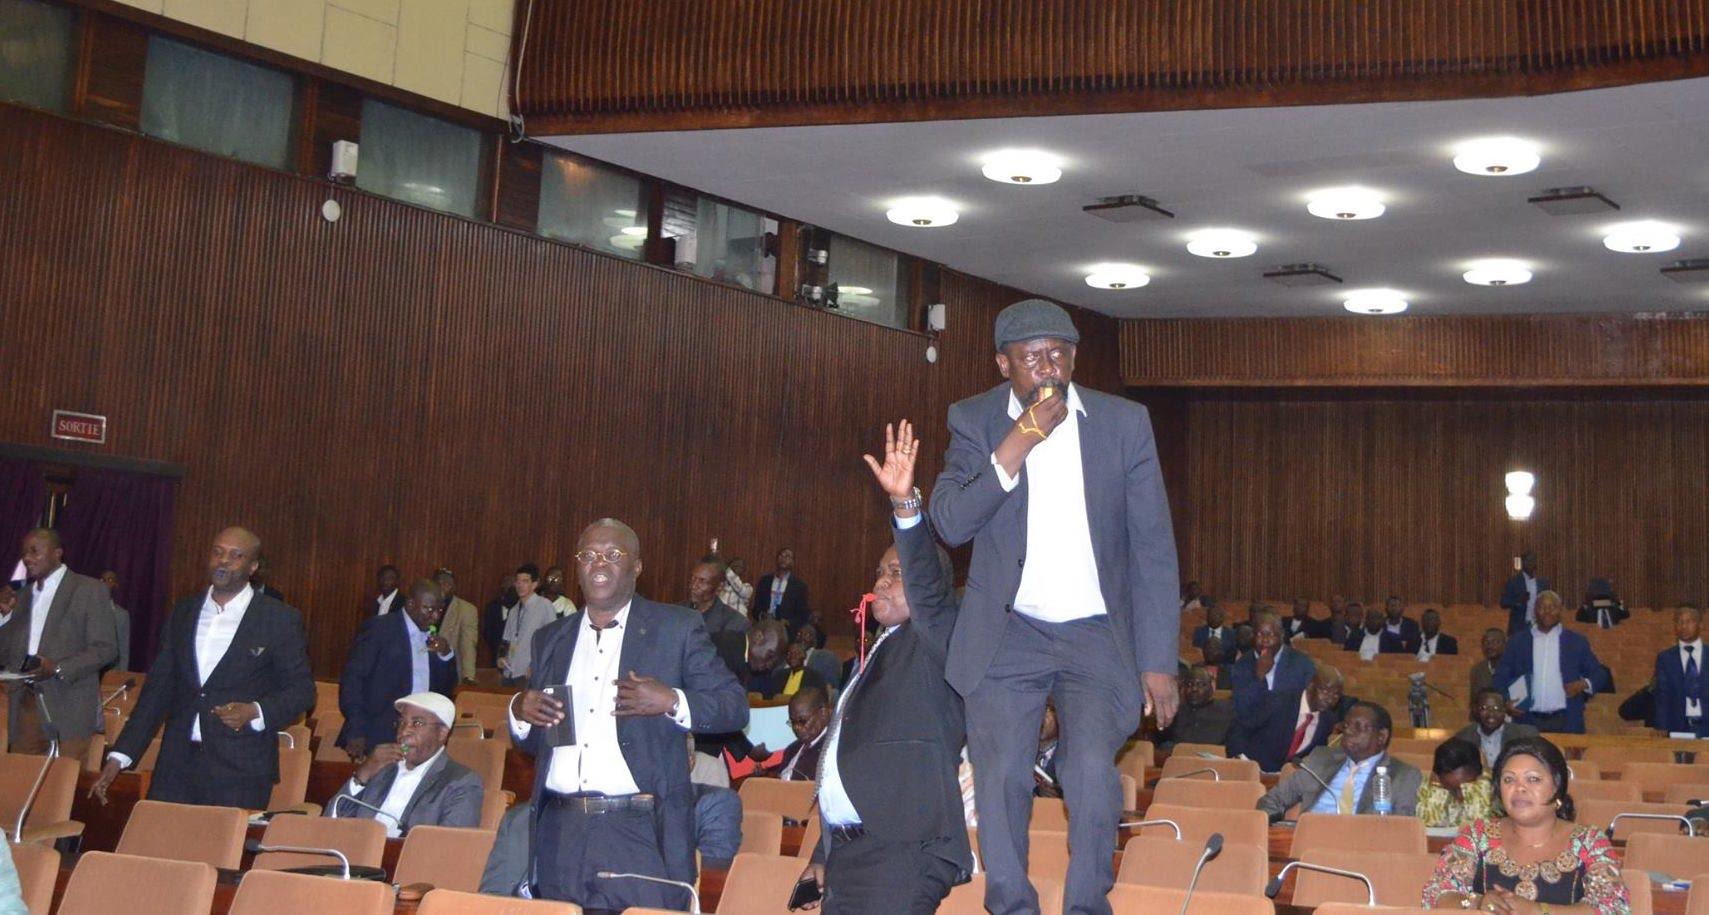 Vidéo du Bousculade entre l'Opposition et la Majorité lors de l'examen du projet de loi électorale